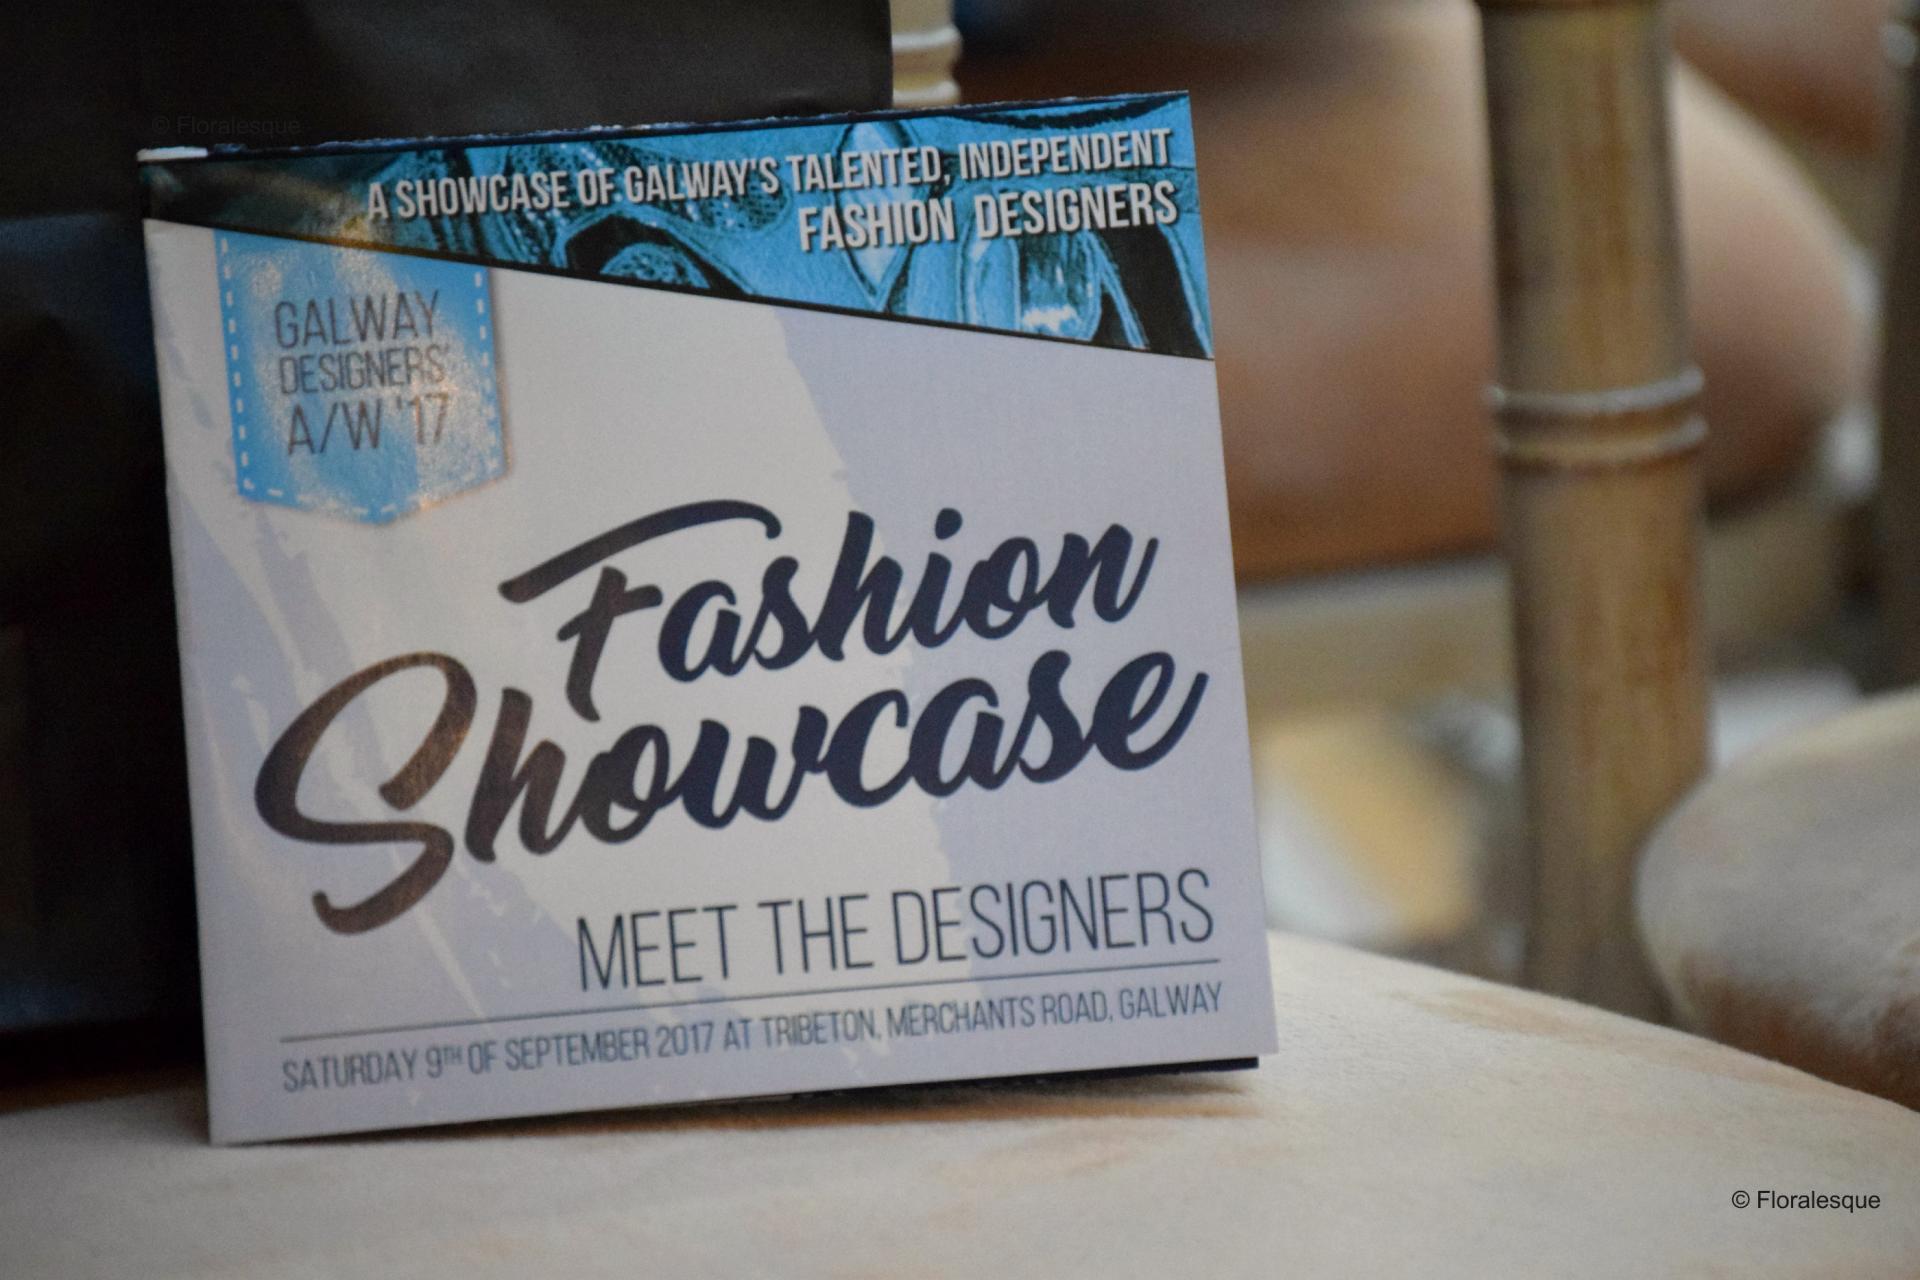 Galway Designer Network AW17 Showcase